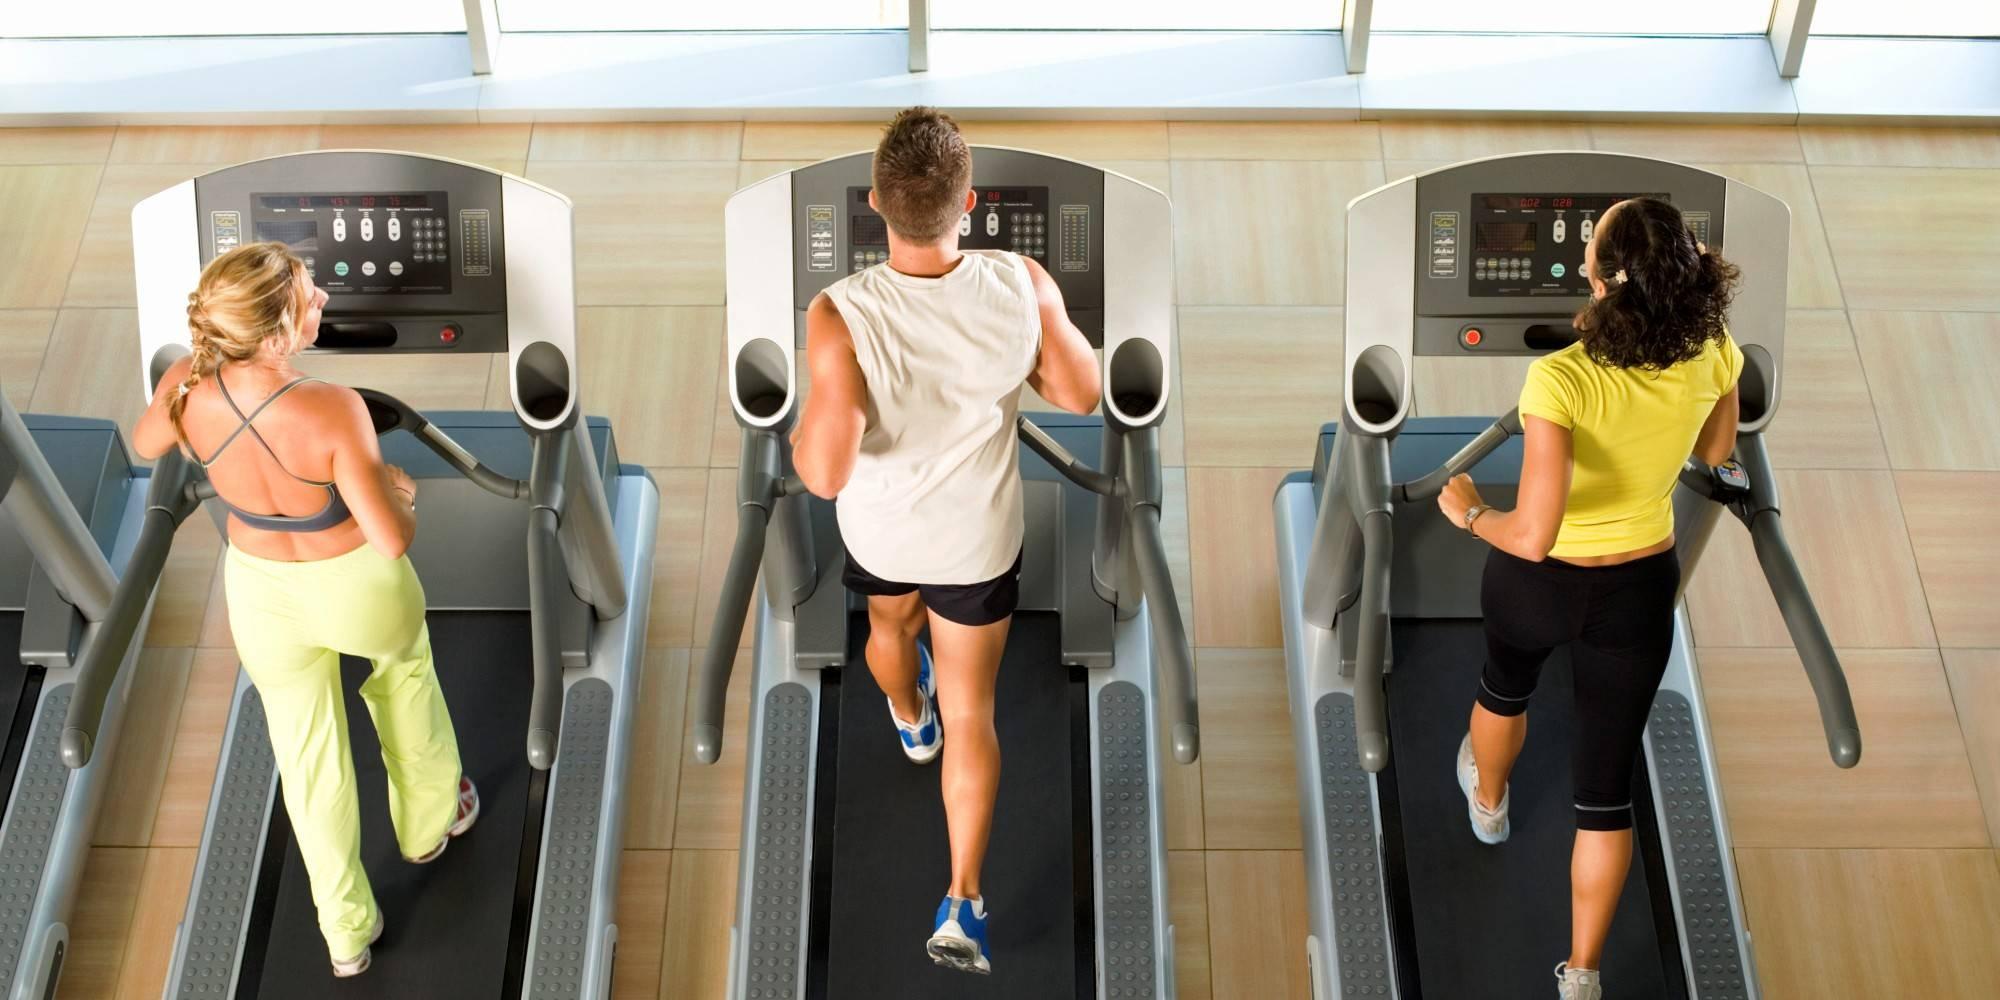 Бег для похудения: как быстро сжечь калории